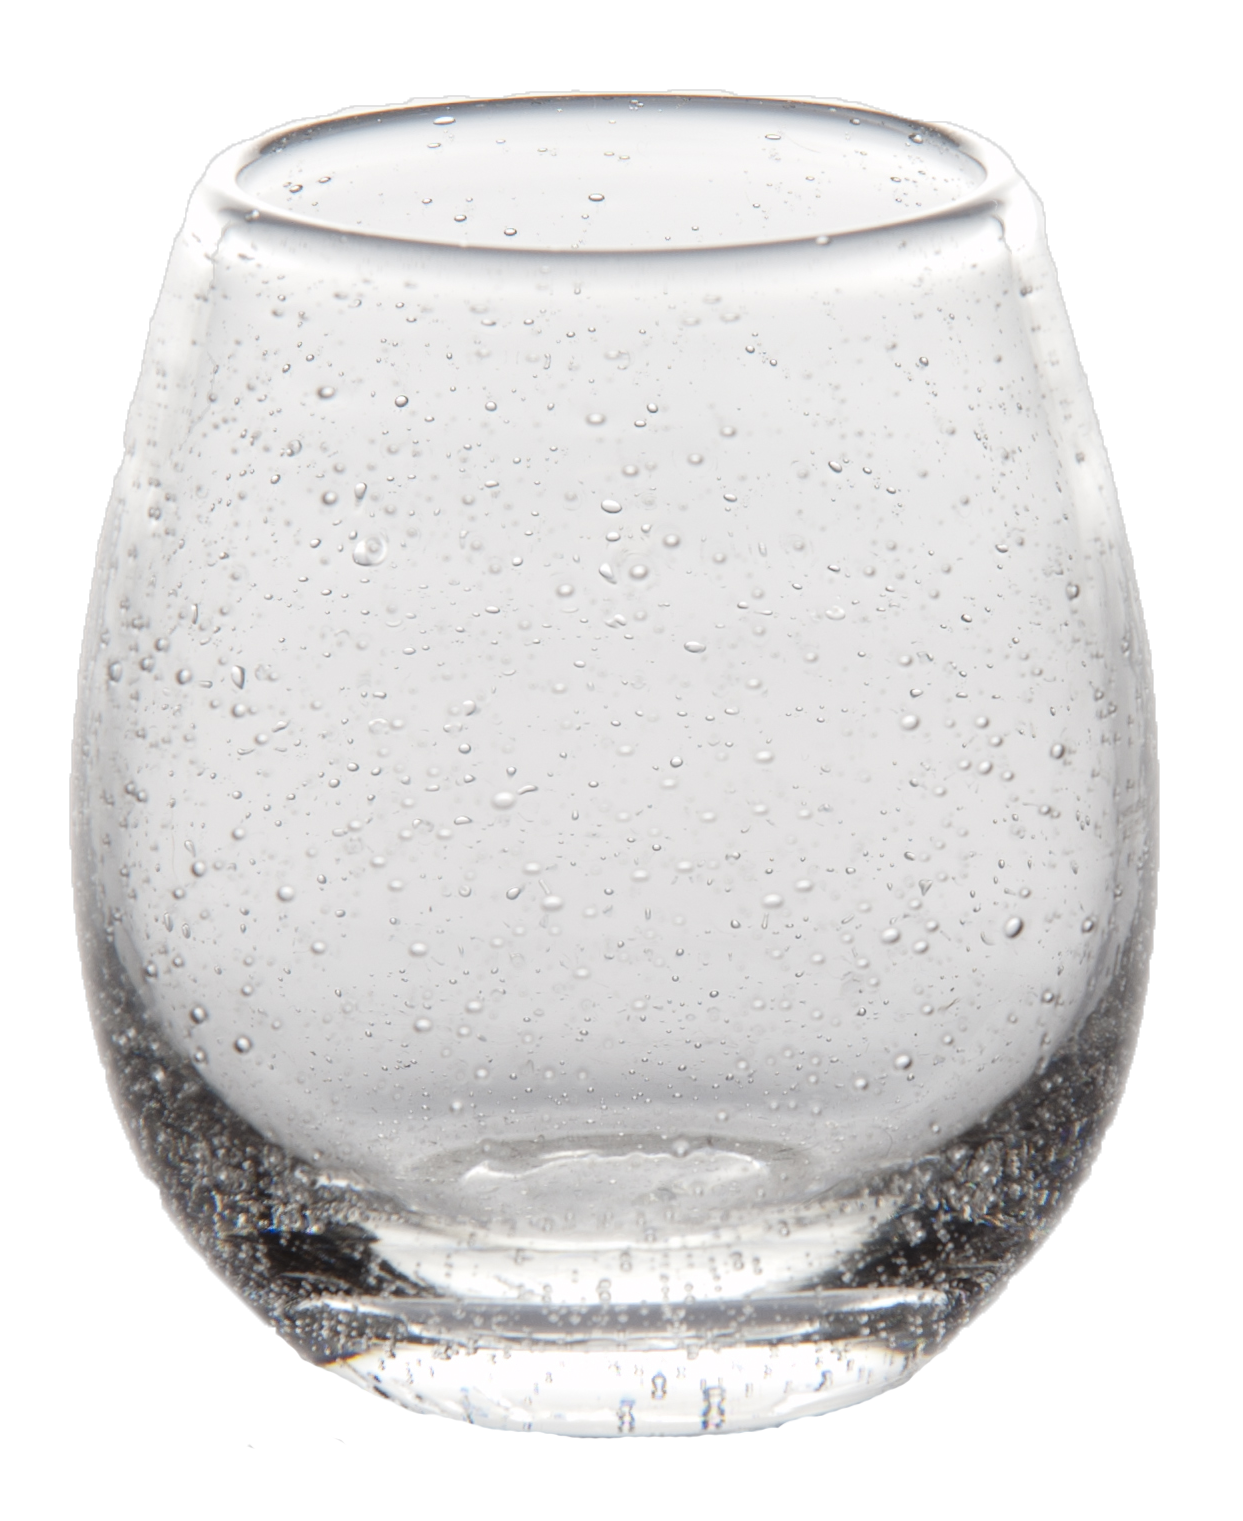 St. Remy Stemless Wine Glass, 16 oz